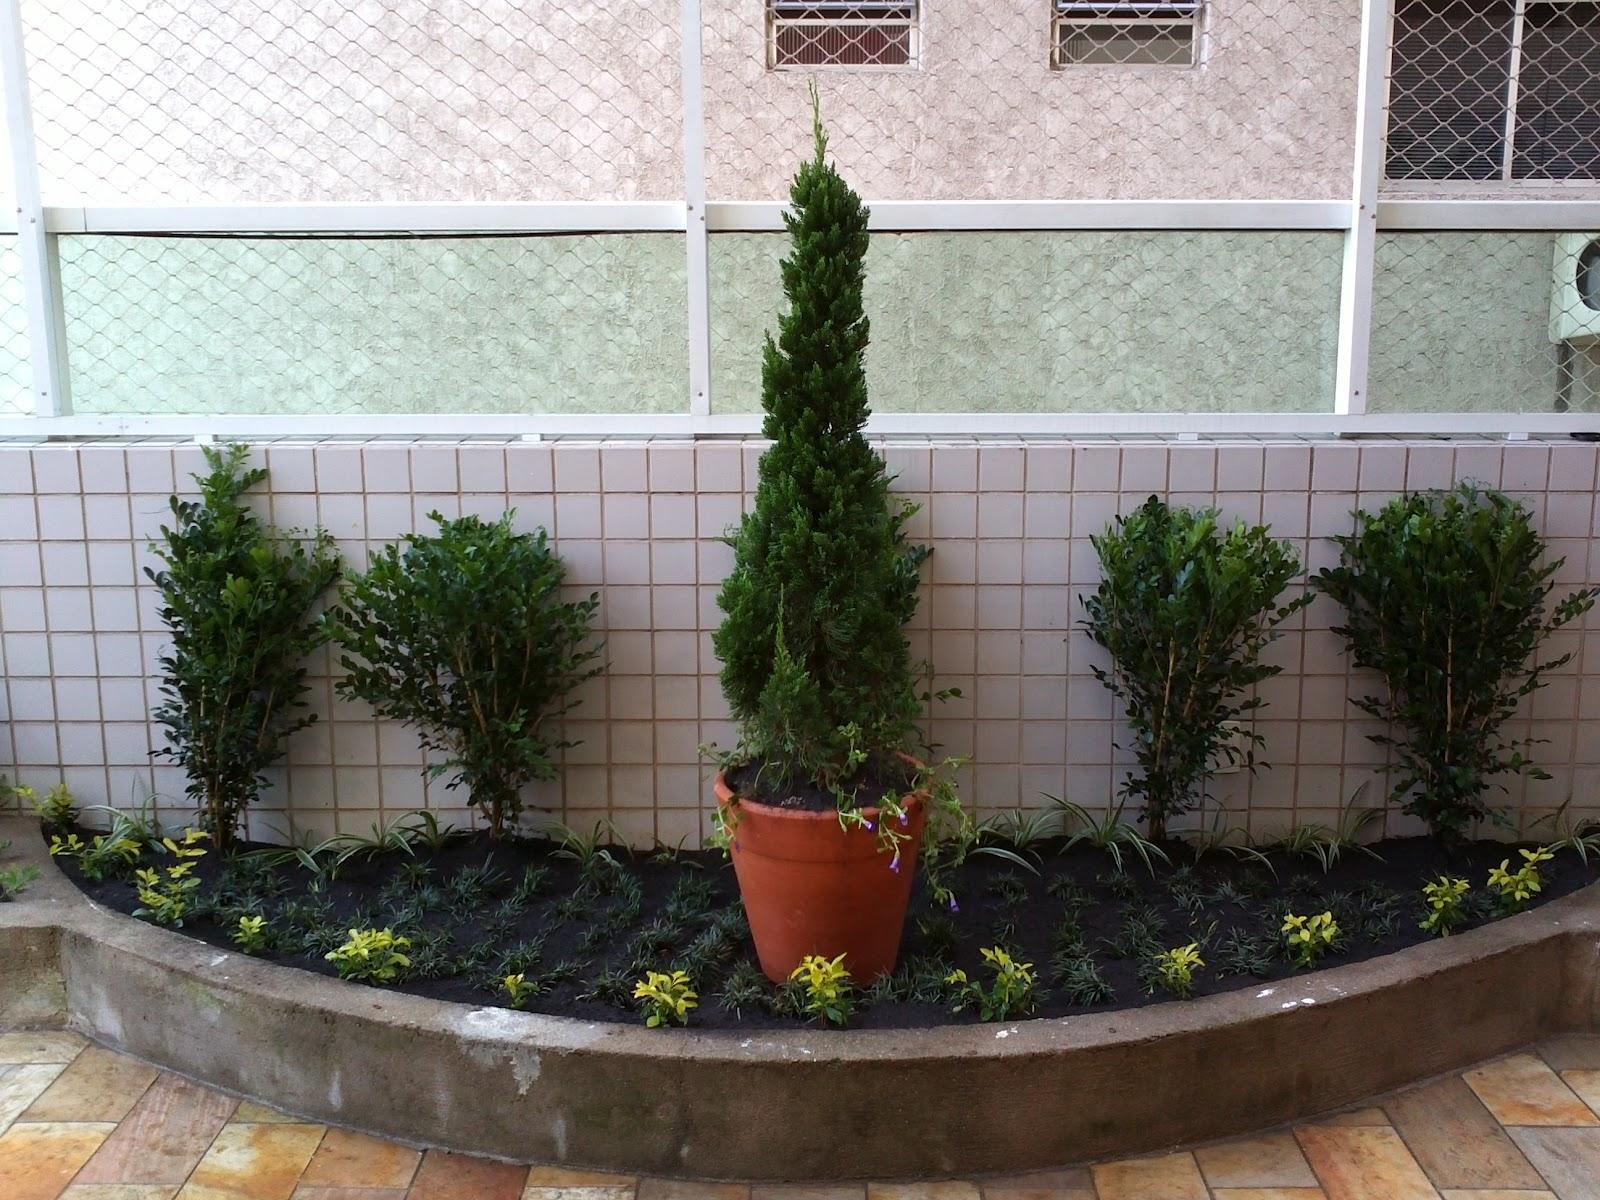 mini jardins pedra viva:Detalhe para o vaso com Kaizuka, no fundo parede viva com murta e